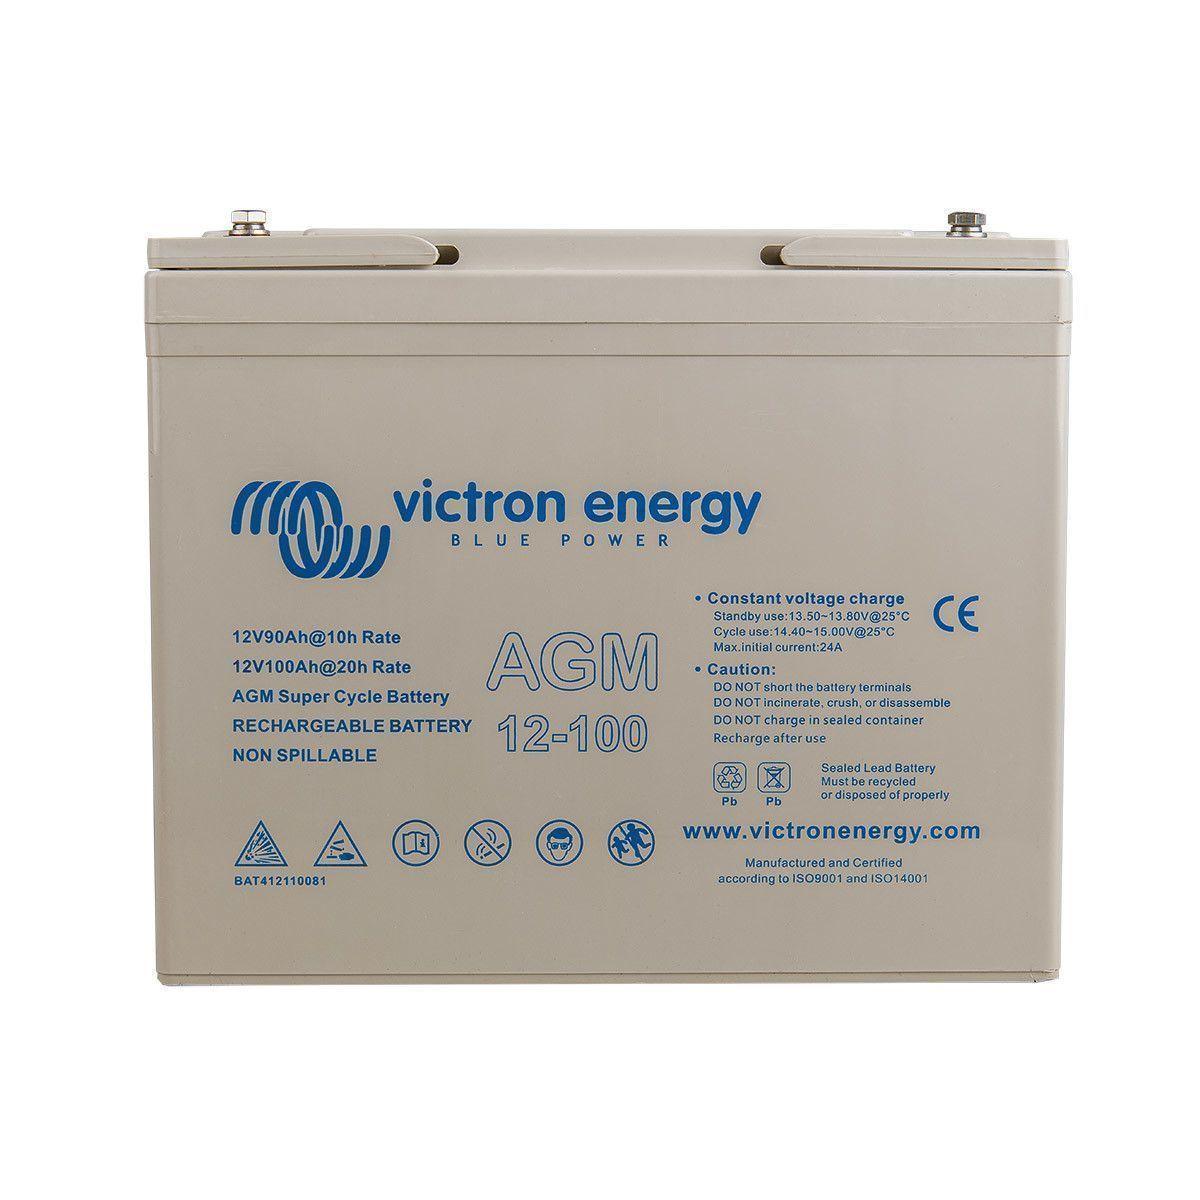 batterie agm 12v 100ah super cycle victron energy. Black Bedroom Furniture Sets. Home Design Ideas